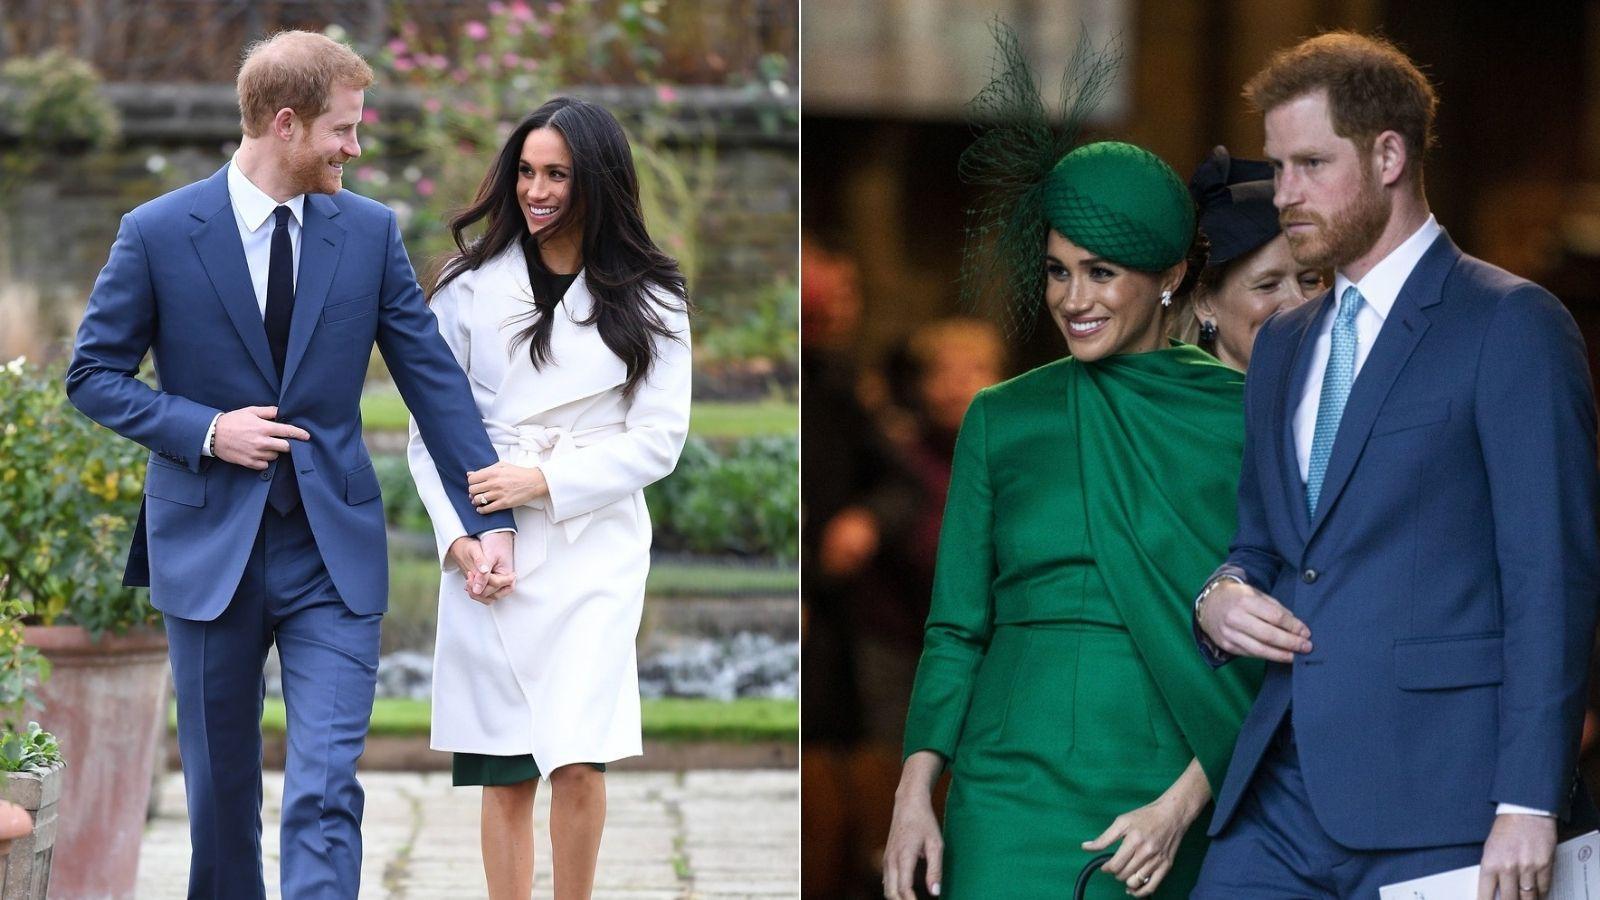 Meghan Markle și Prințul Harry, fotografia de pe coperta revistei Time care a iscat controverse.Semnificația limbajului trupurilor|EpicNews